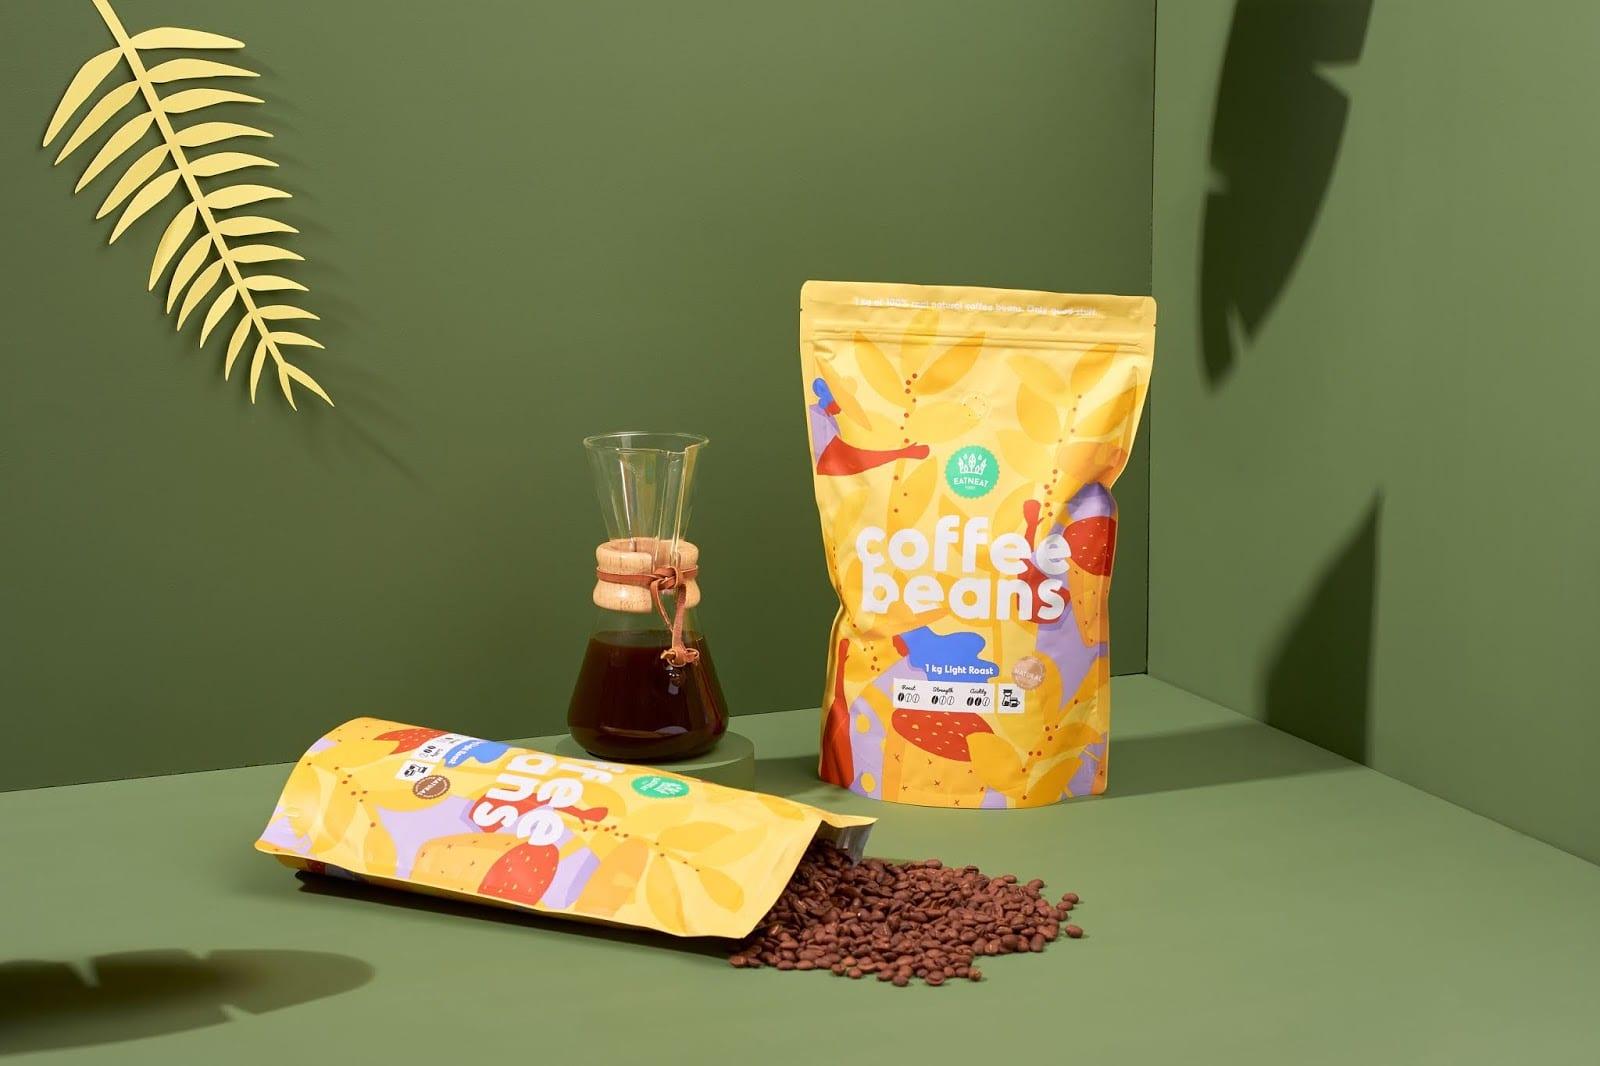 coffeebeans7 - Coffee Beans je nová značka kávy s hravým obalem